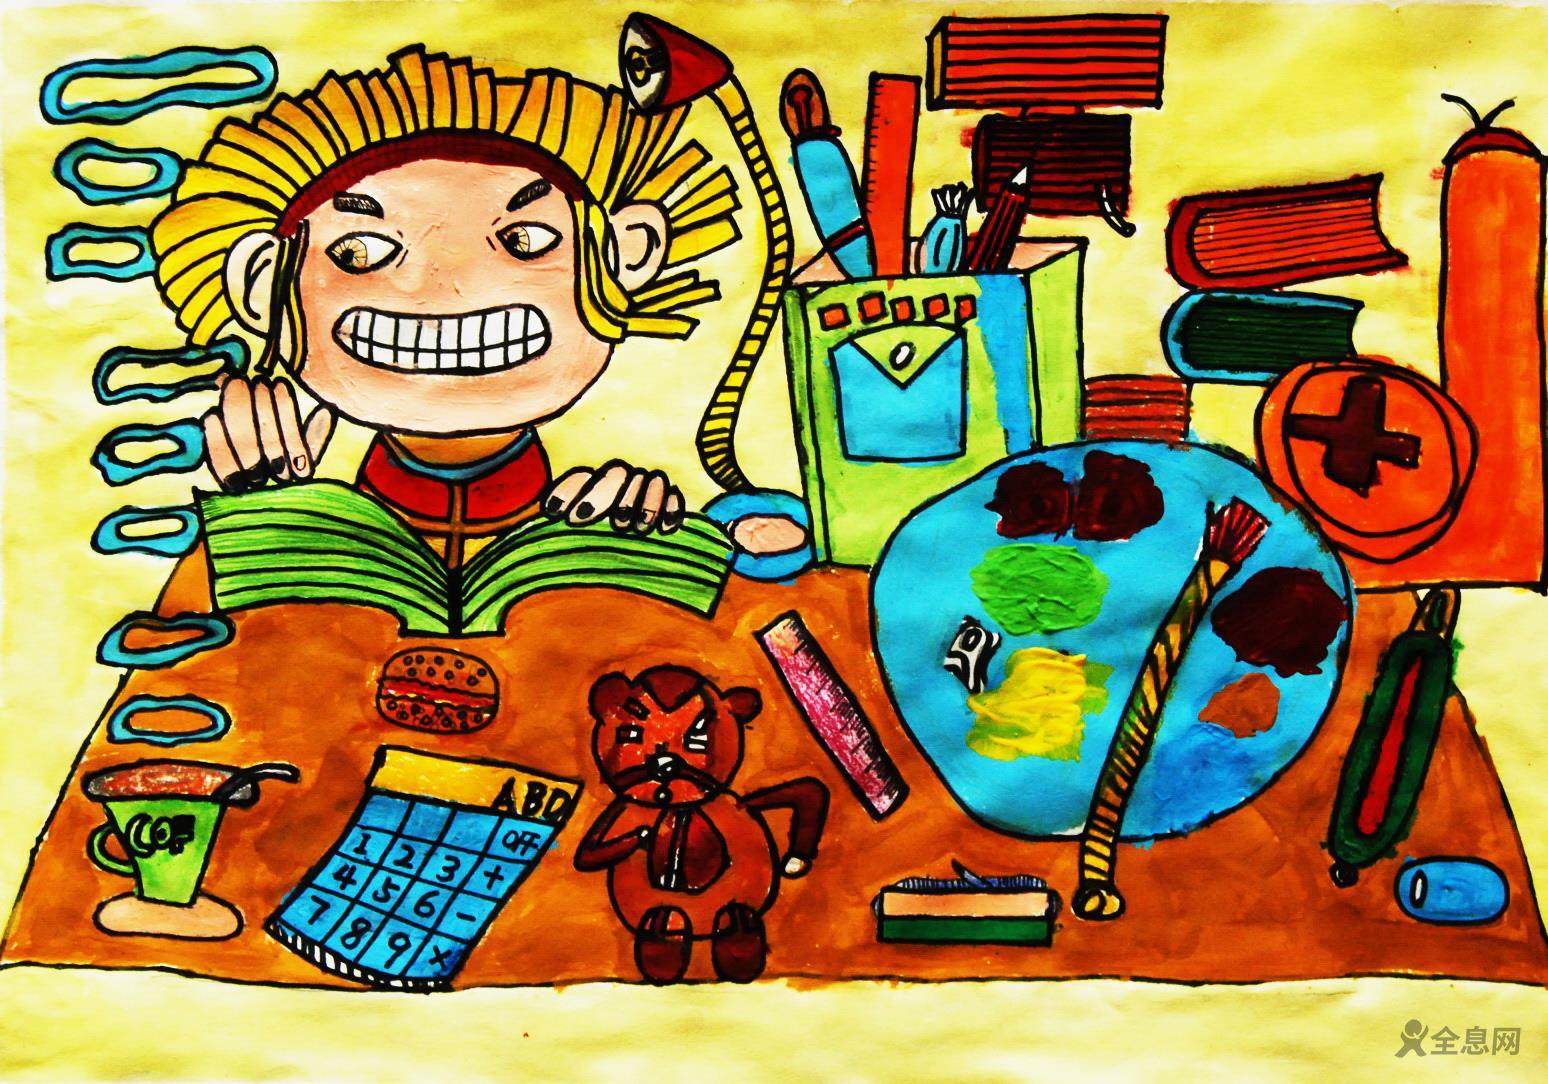 高考在即,学习儿童画祝愿莘莘学子金榜题名